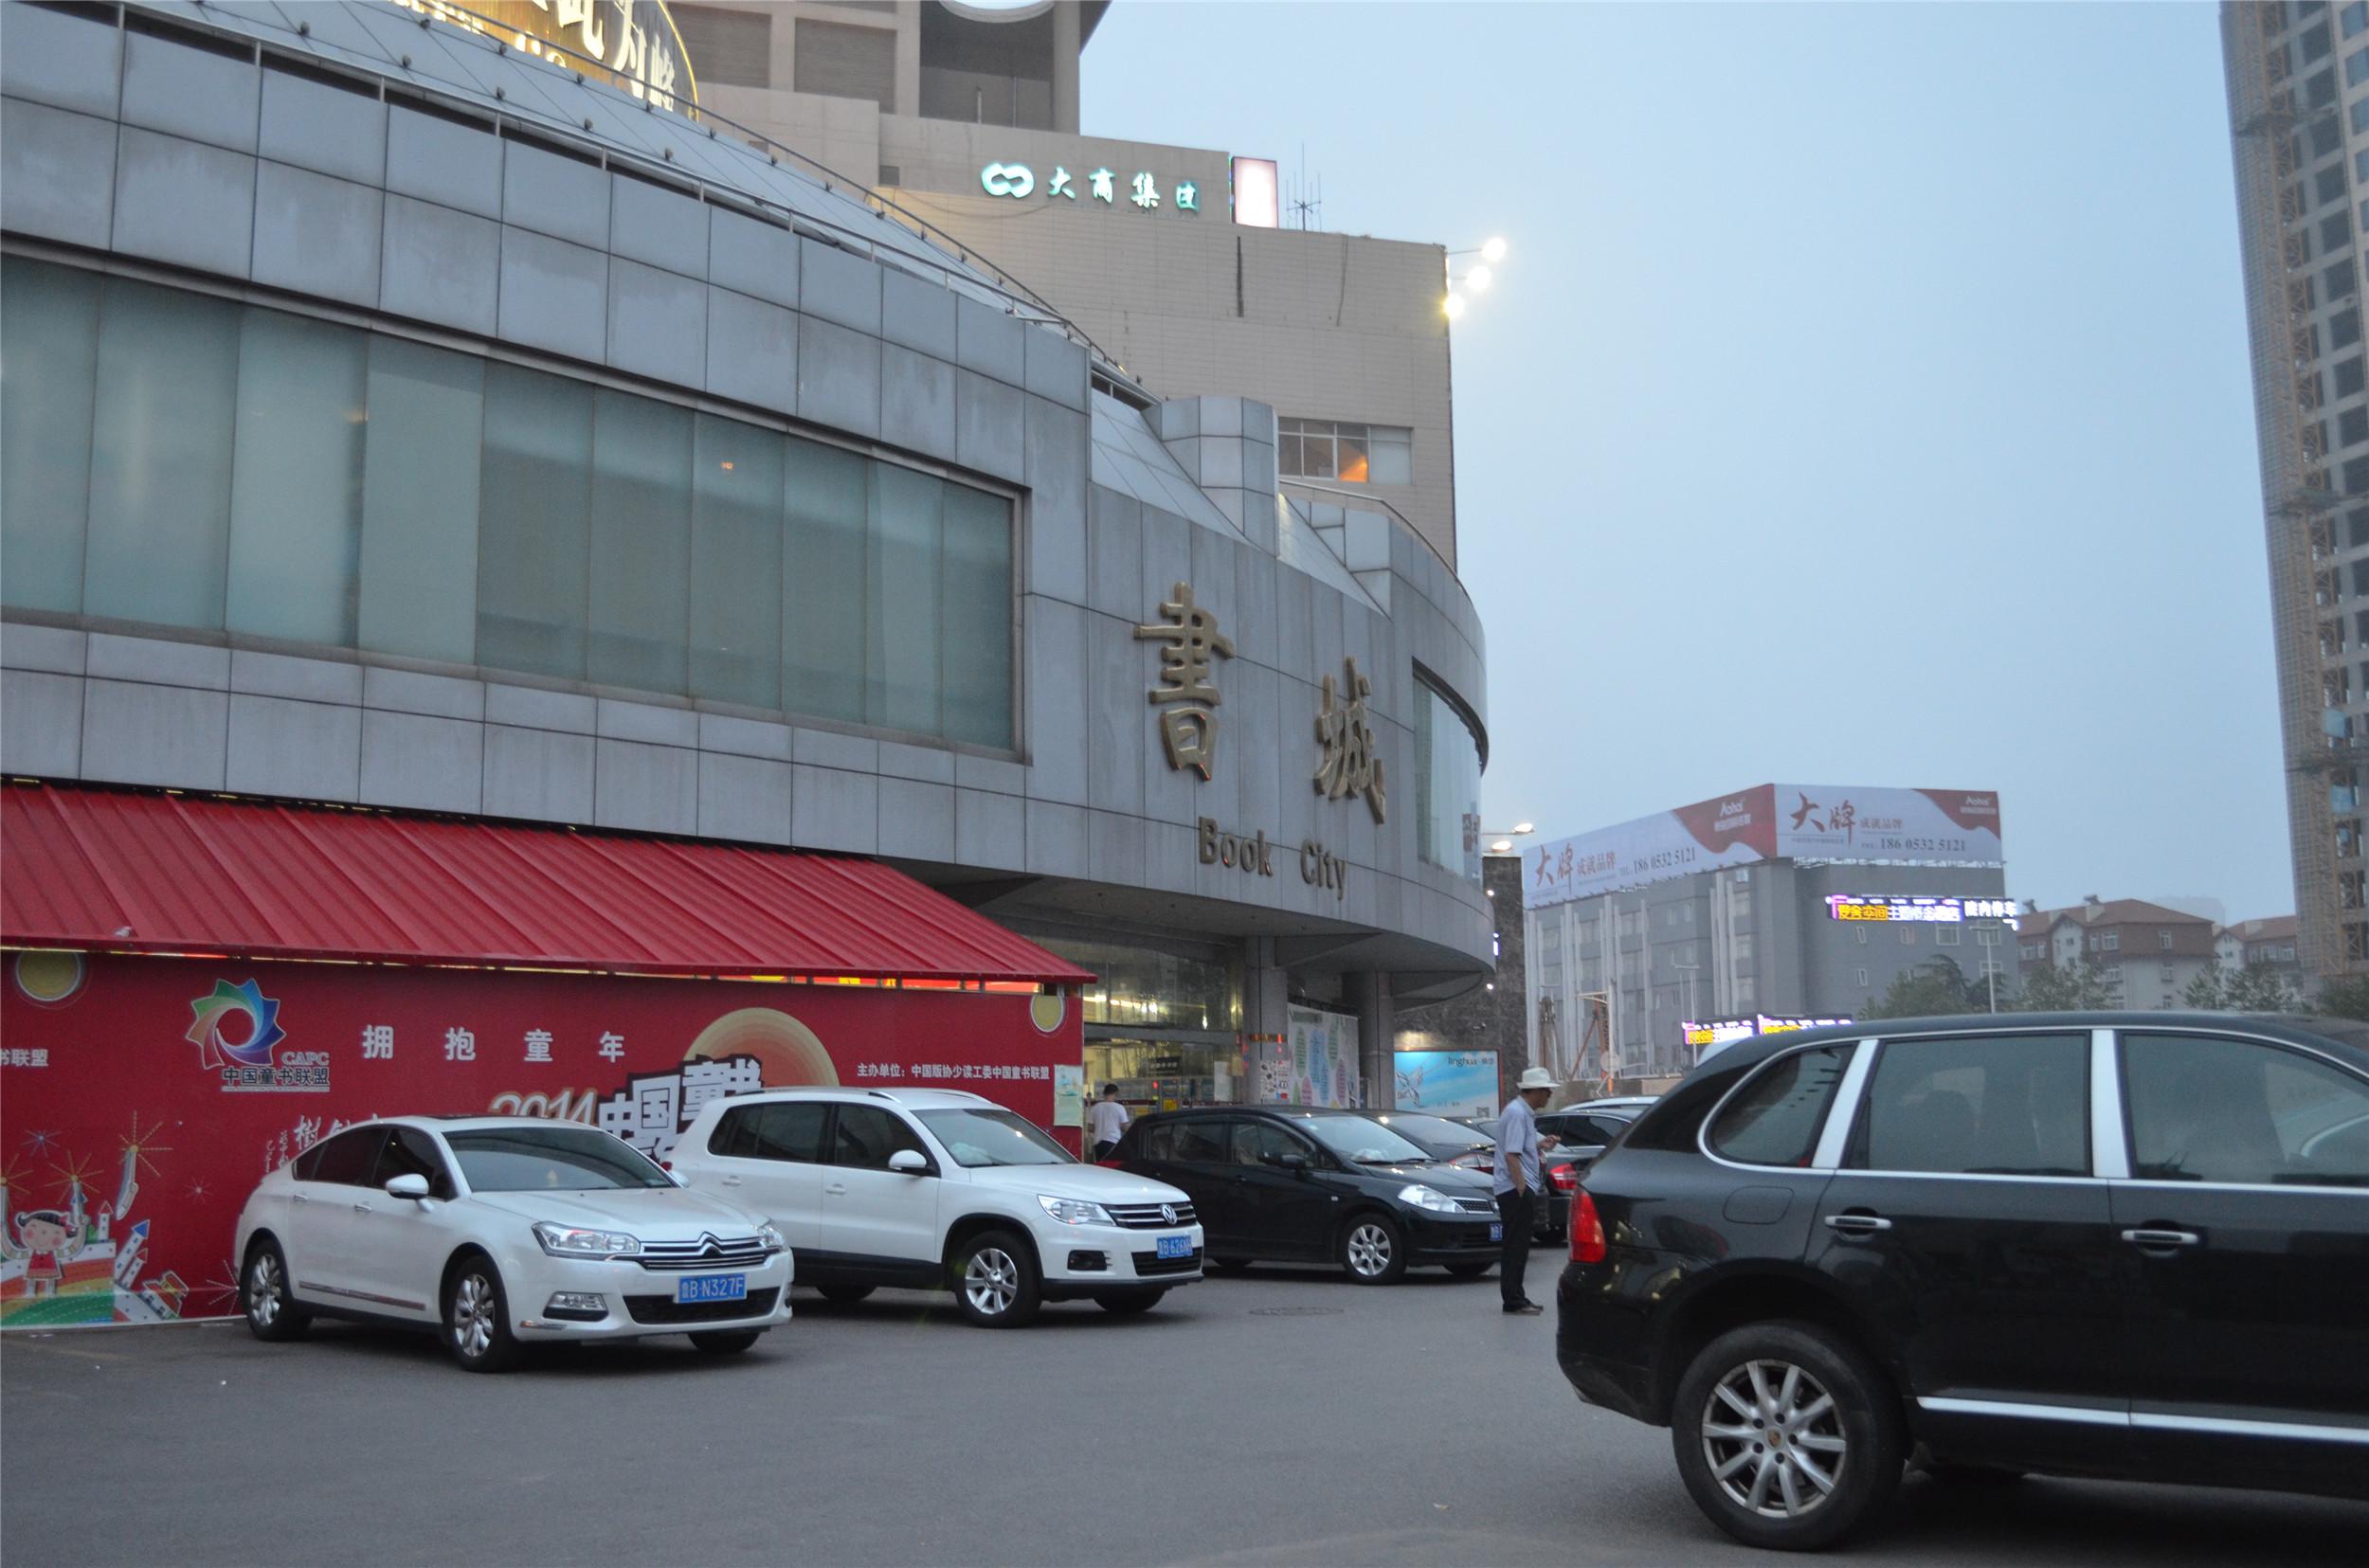 学而思香港中路服务中心地址